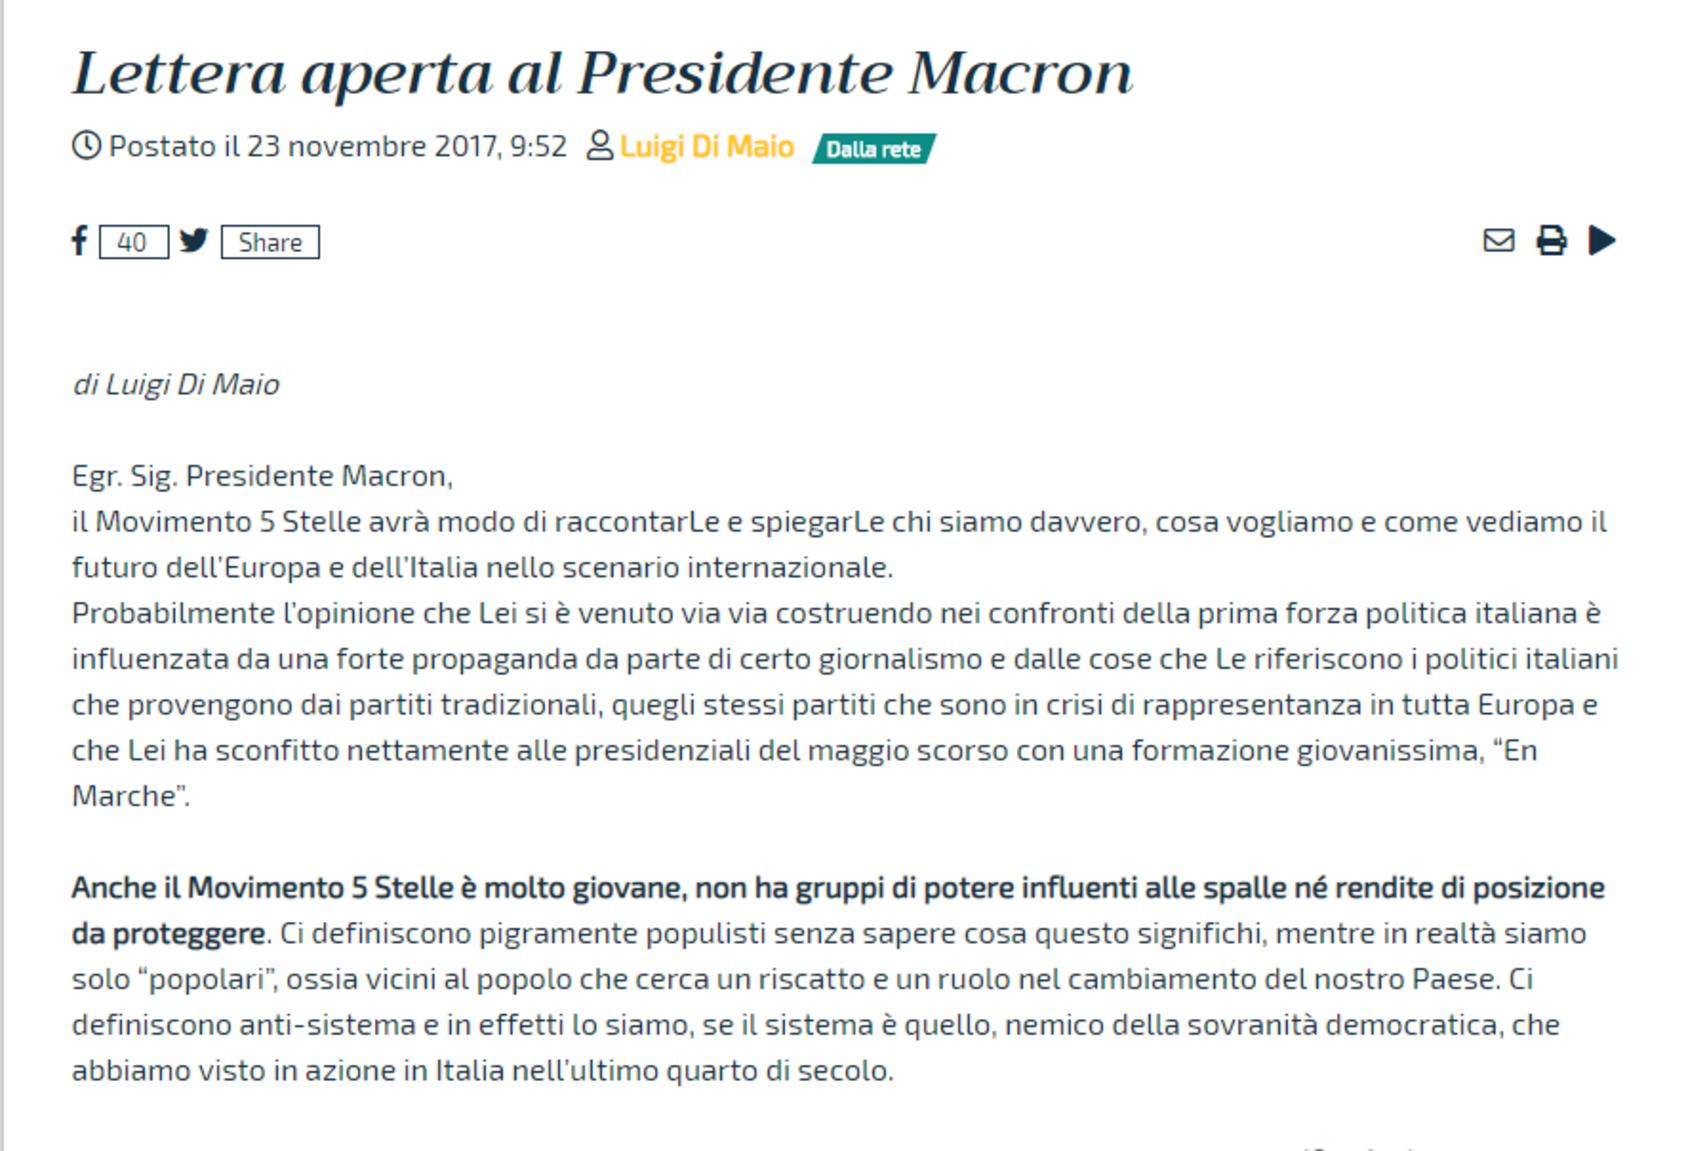 La lettera di Di Maio a Macron del novembre 2017 foto 1